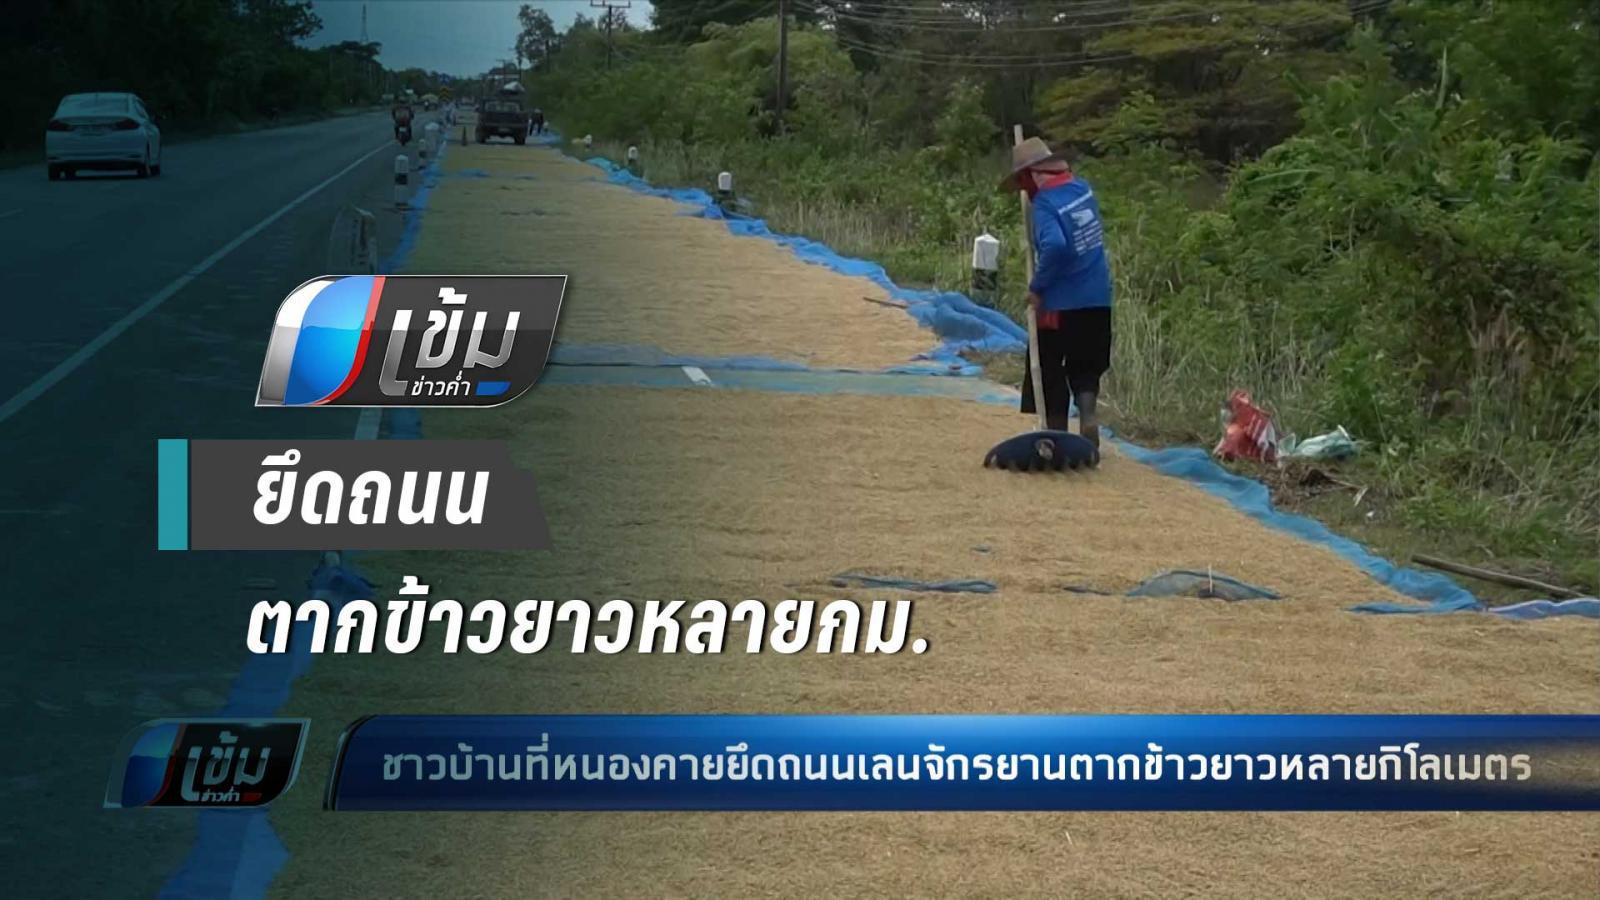 ชาวบ้านหนองคายยึดถนนเลนจักรยานตากข้าวยาวหลายกิโลเมตร